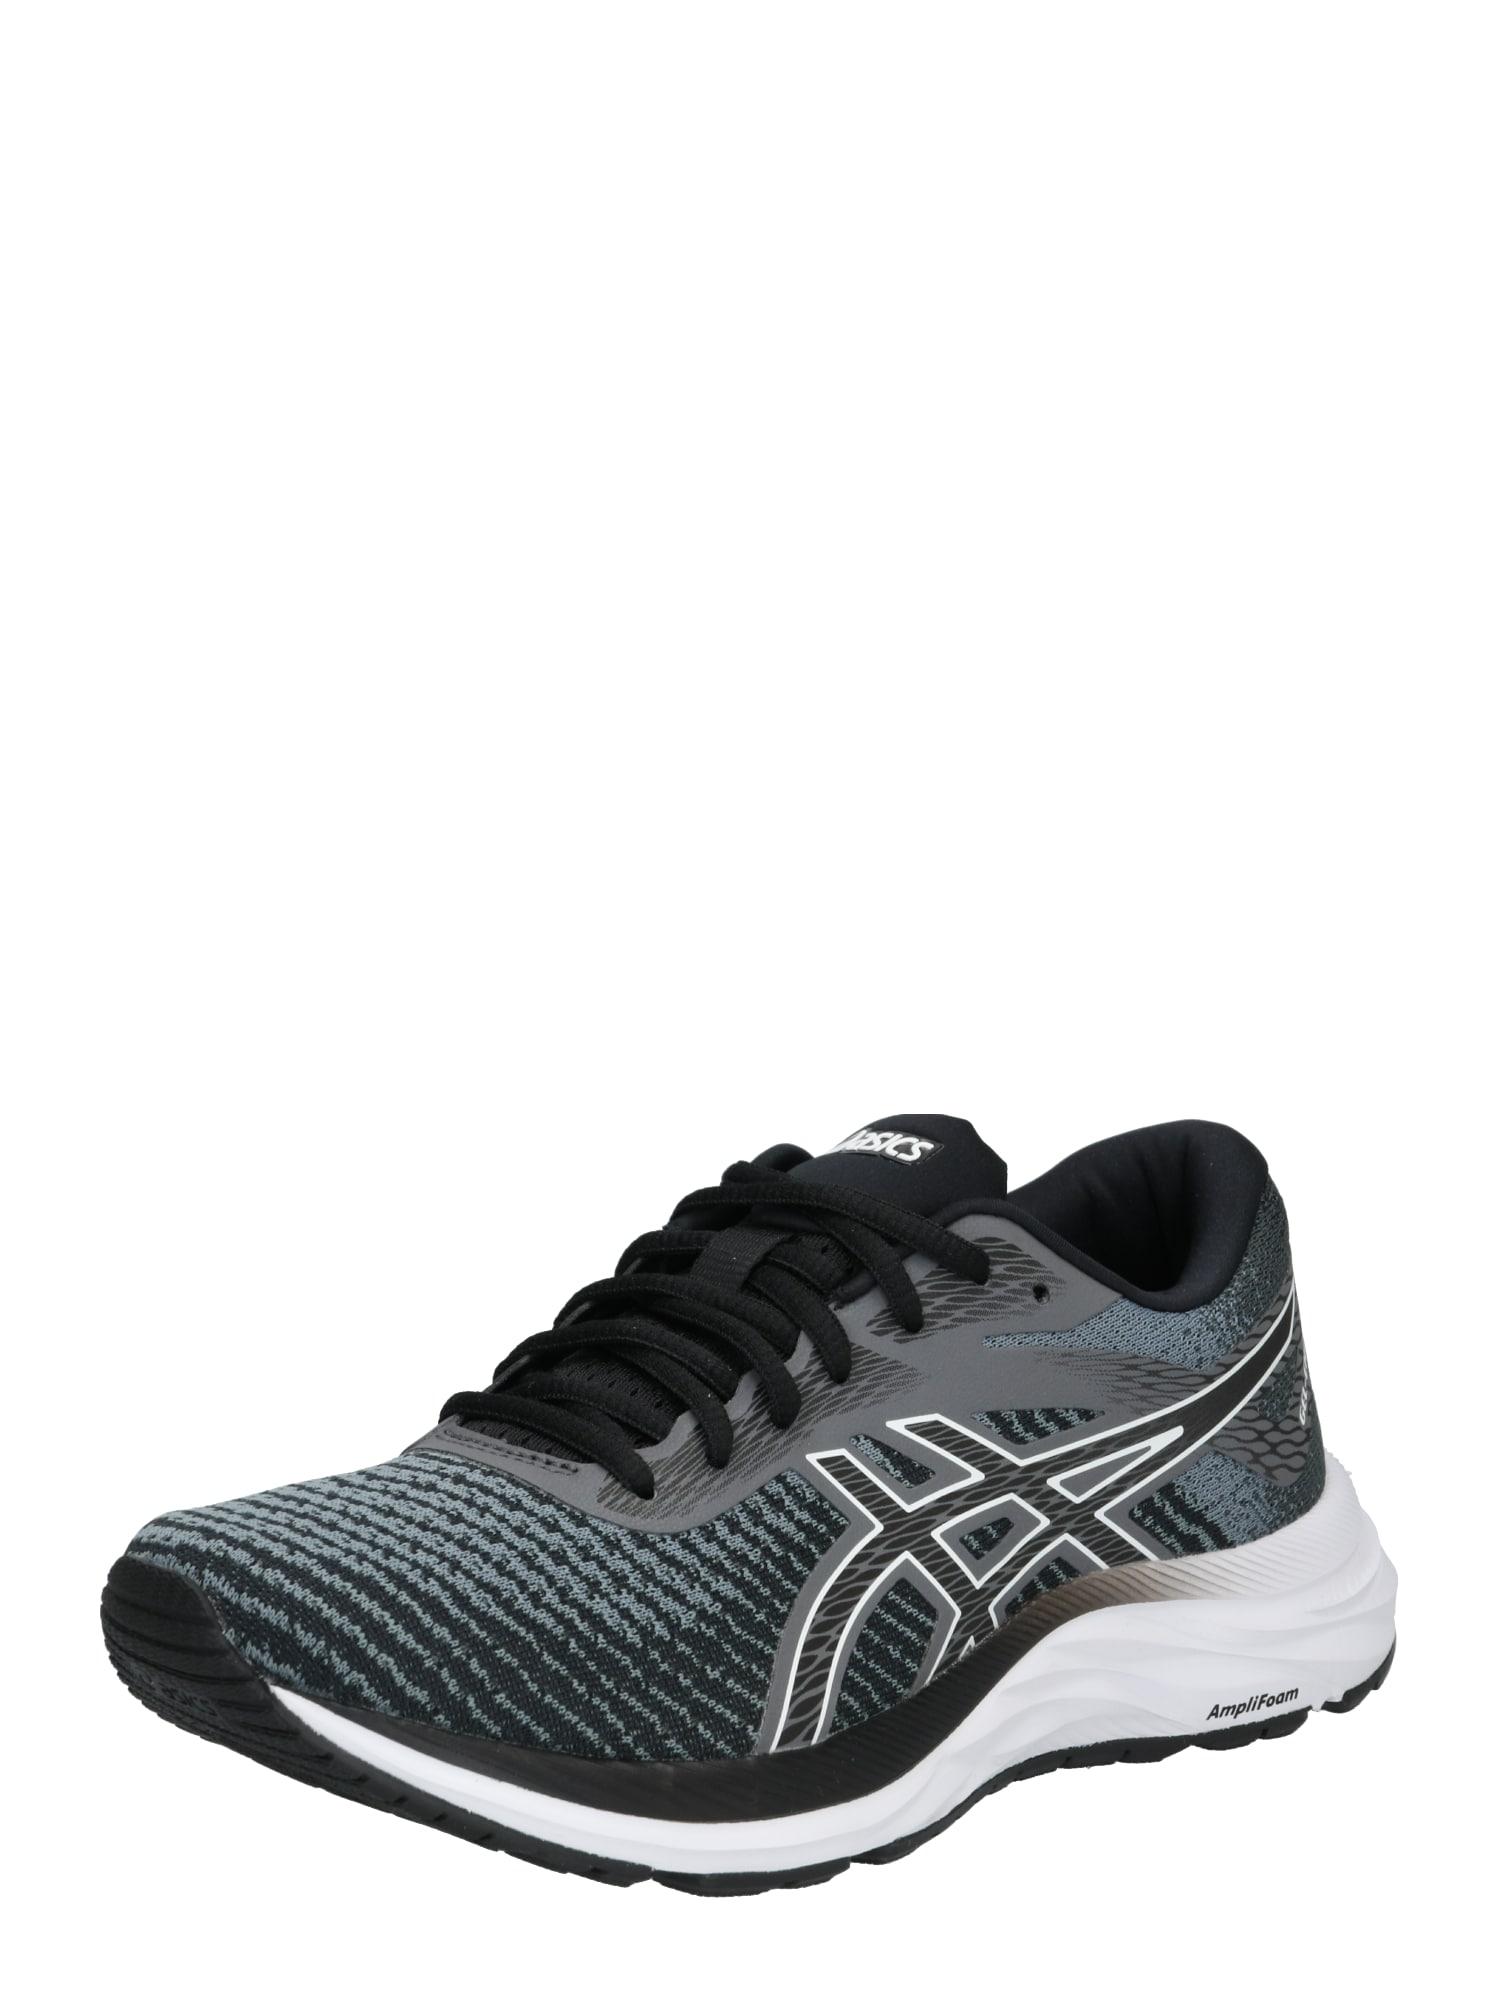 Běžecká obuv GEL-EXCITE 6 TWIST šedá černá bílá ASICS